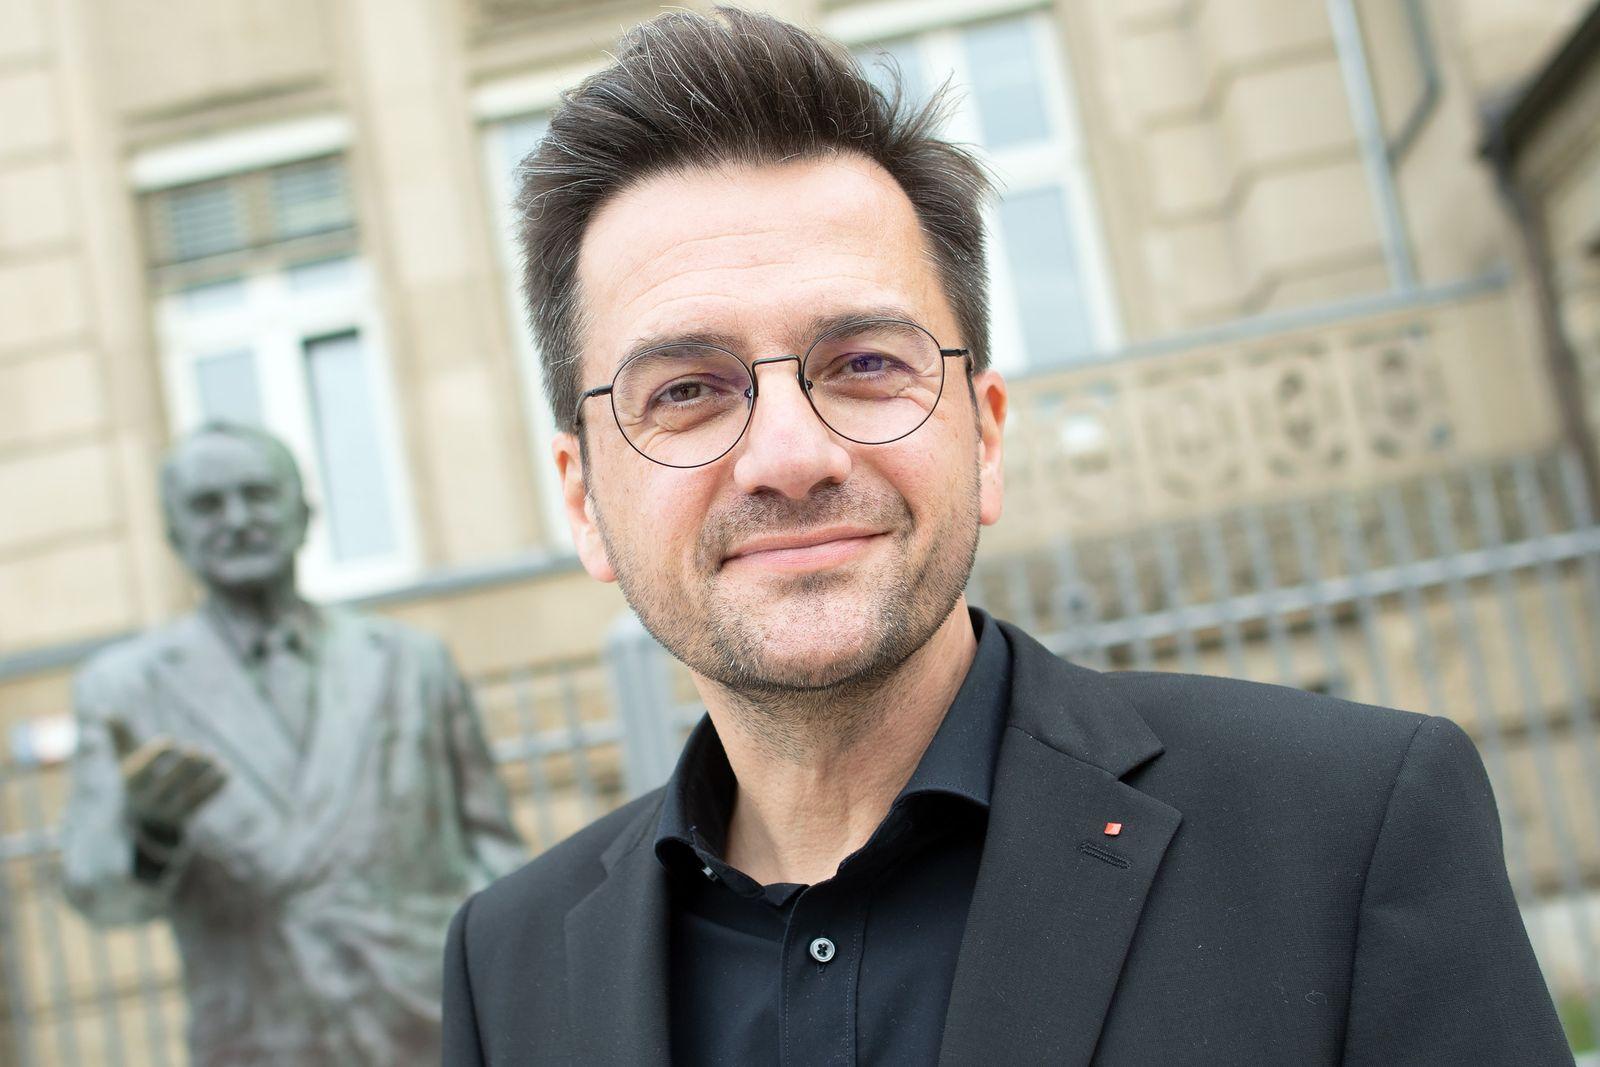 Kutschaty kandidiert für Vorsitz der SPD in Nordrhein-Westfalen